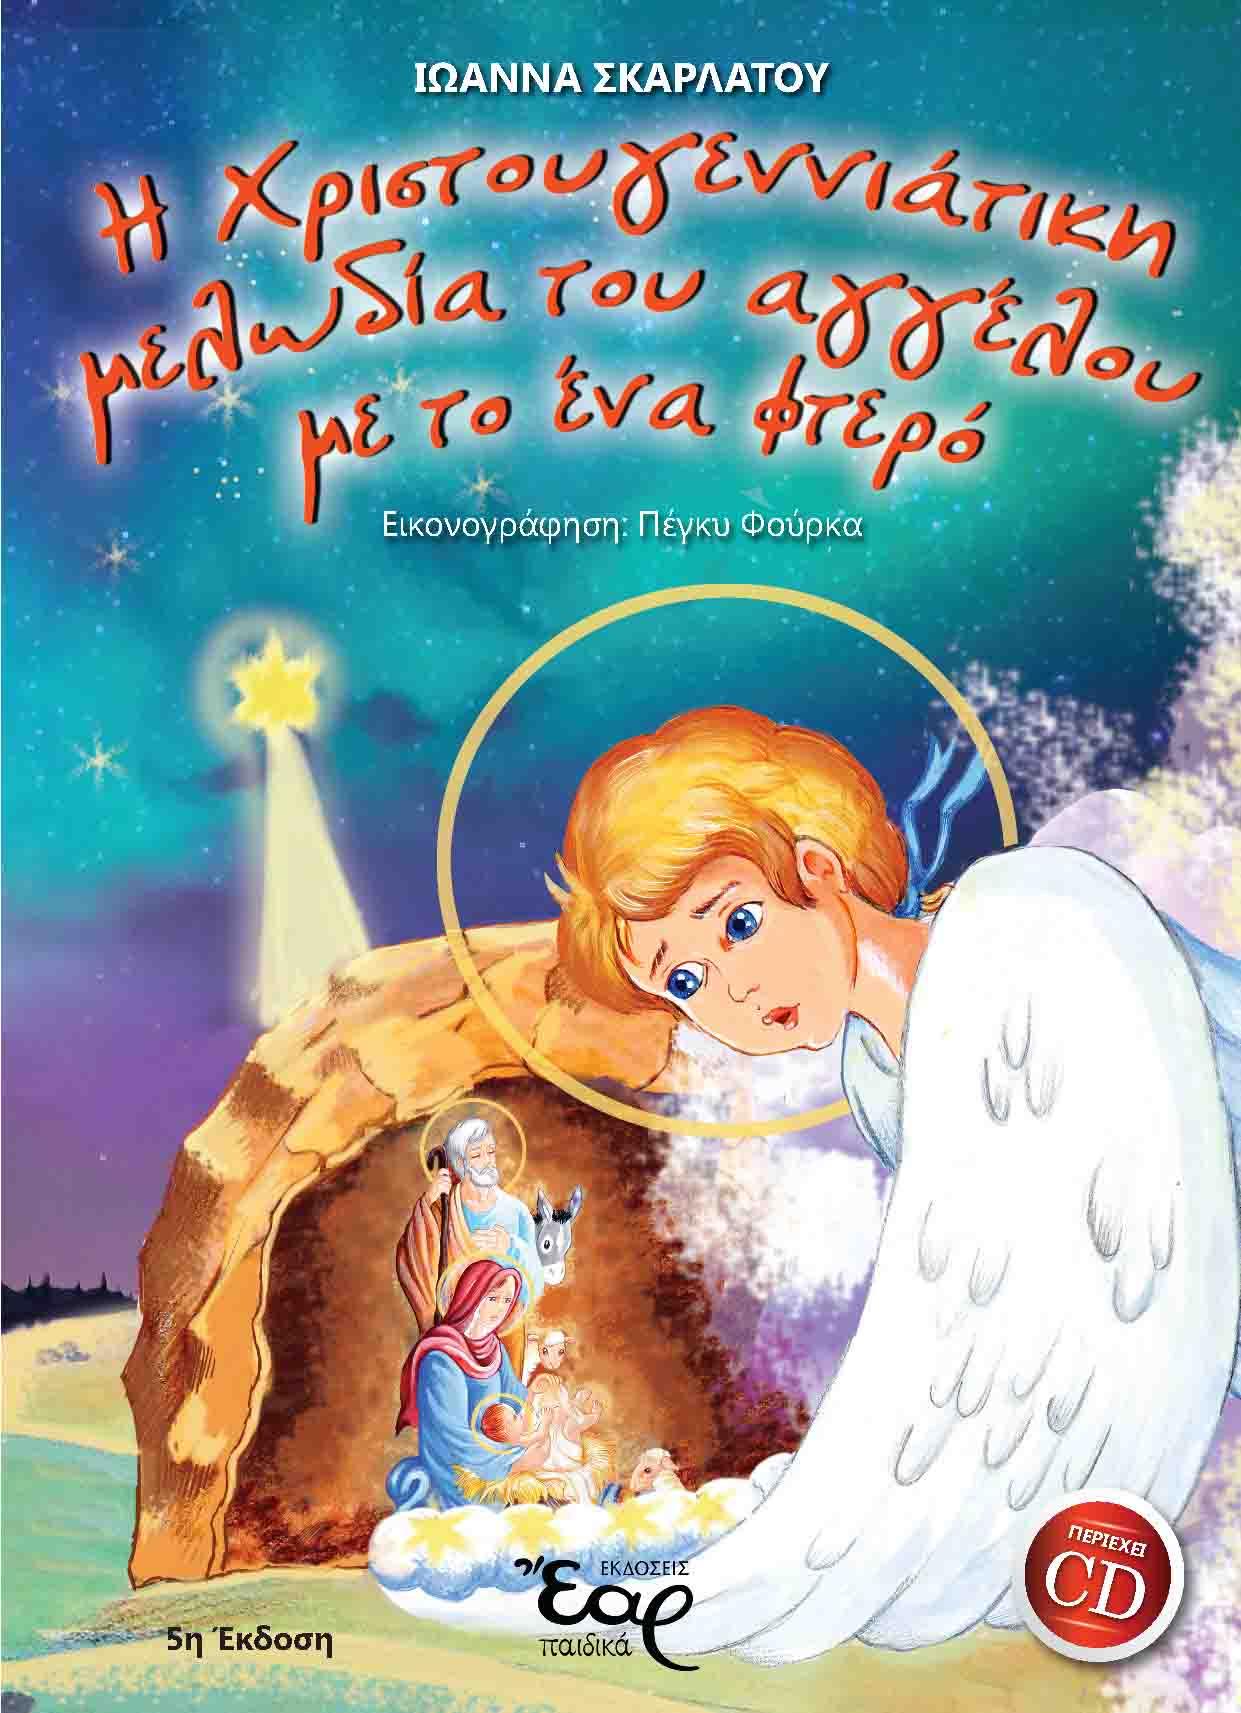 Χριστουγεννιάτικα Η ΧΡΙΣΤΟΥΓΕΝΝΙΑΤΙΚΗ ΜΕΛΩΔΙΑ ΤΟΥ ΑΓΓΕΛΟΥ ΜΕ ΤΟ ΕΝΑ ΦΤΕΡΟ